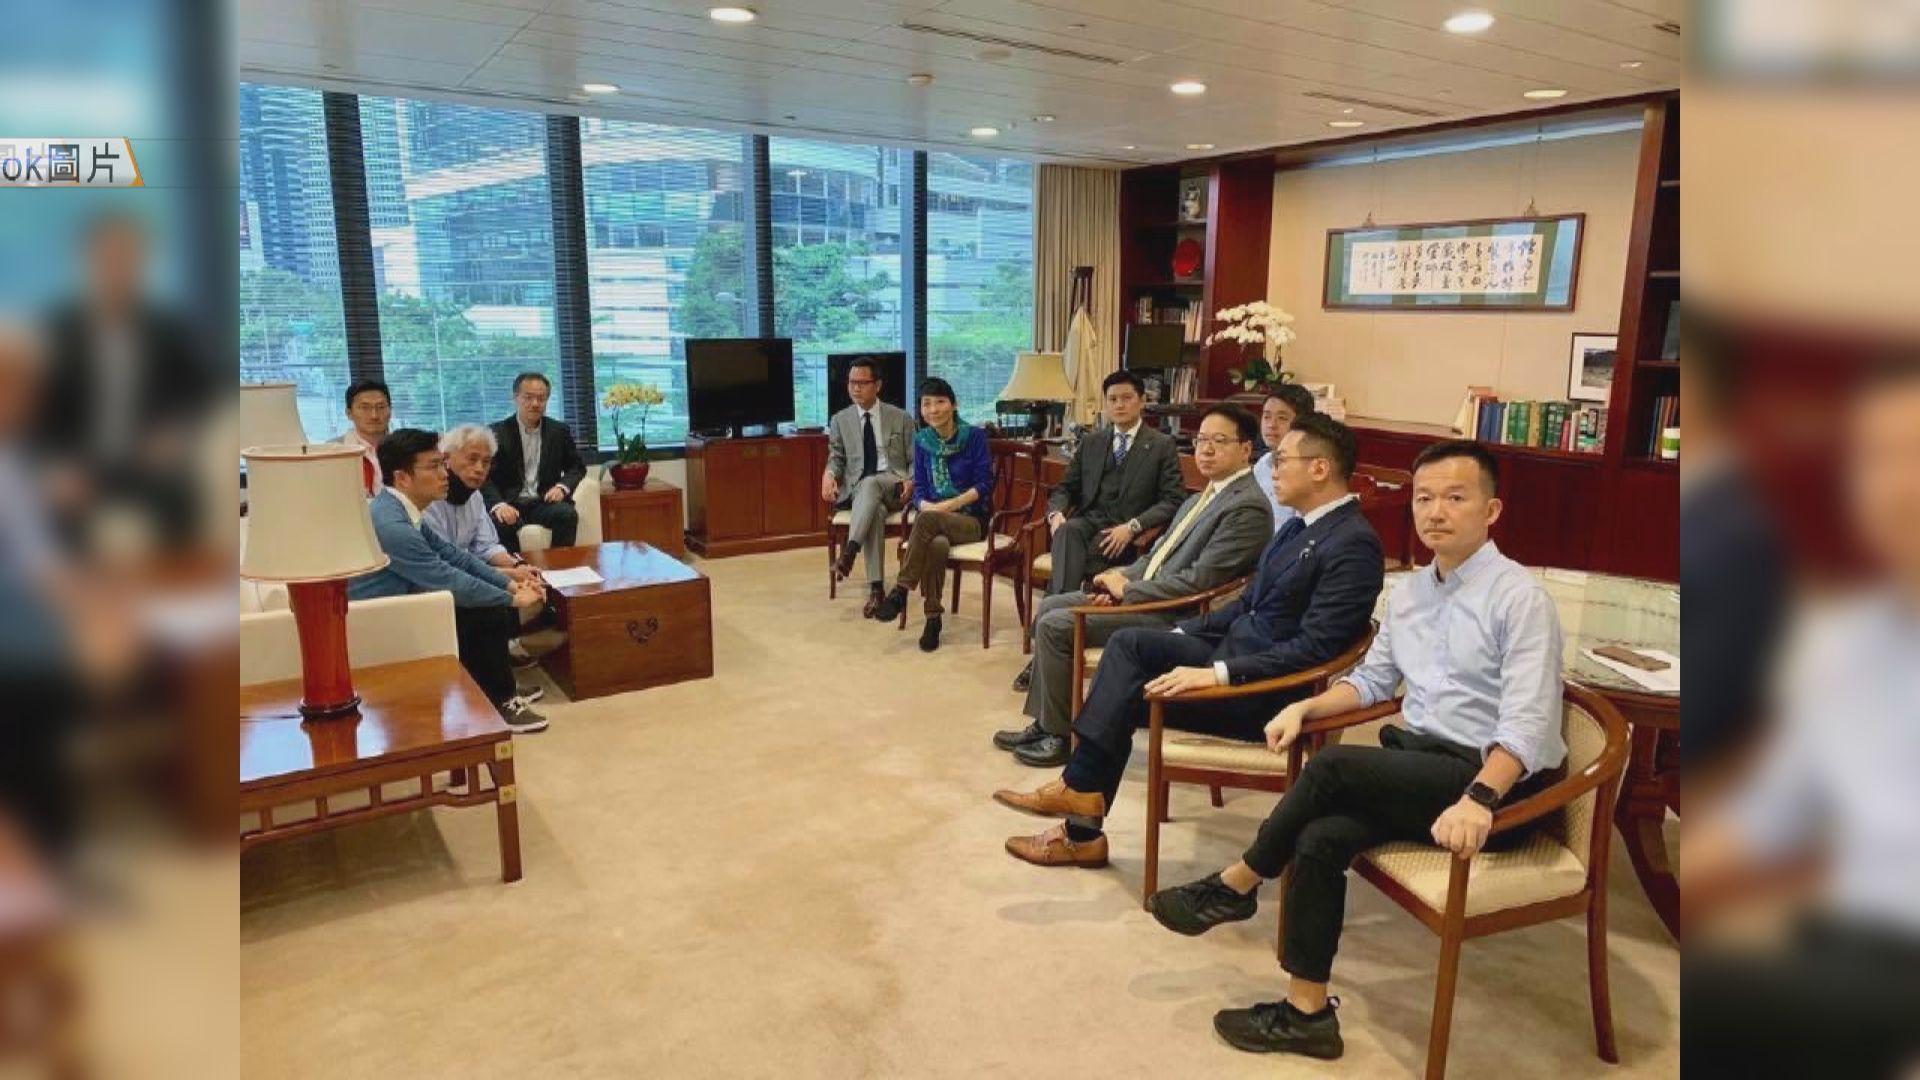 民主派議員到陳維安辦公室要求撤回書面通告